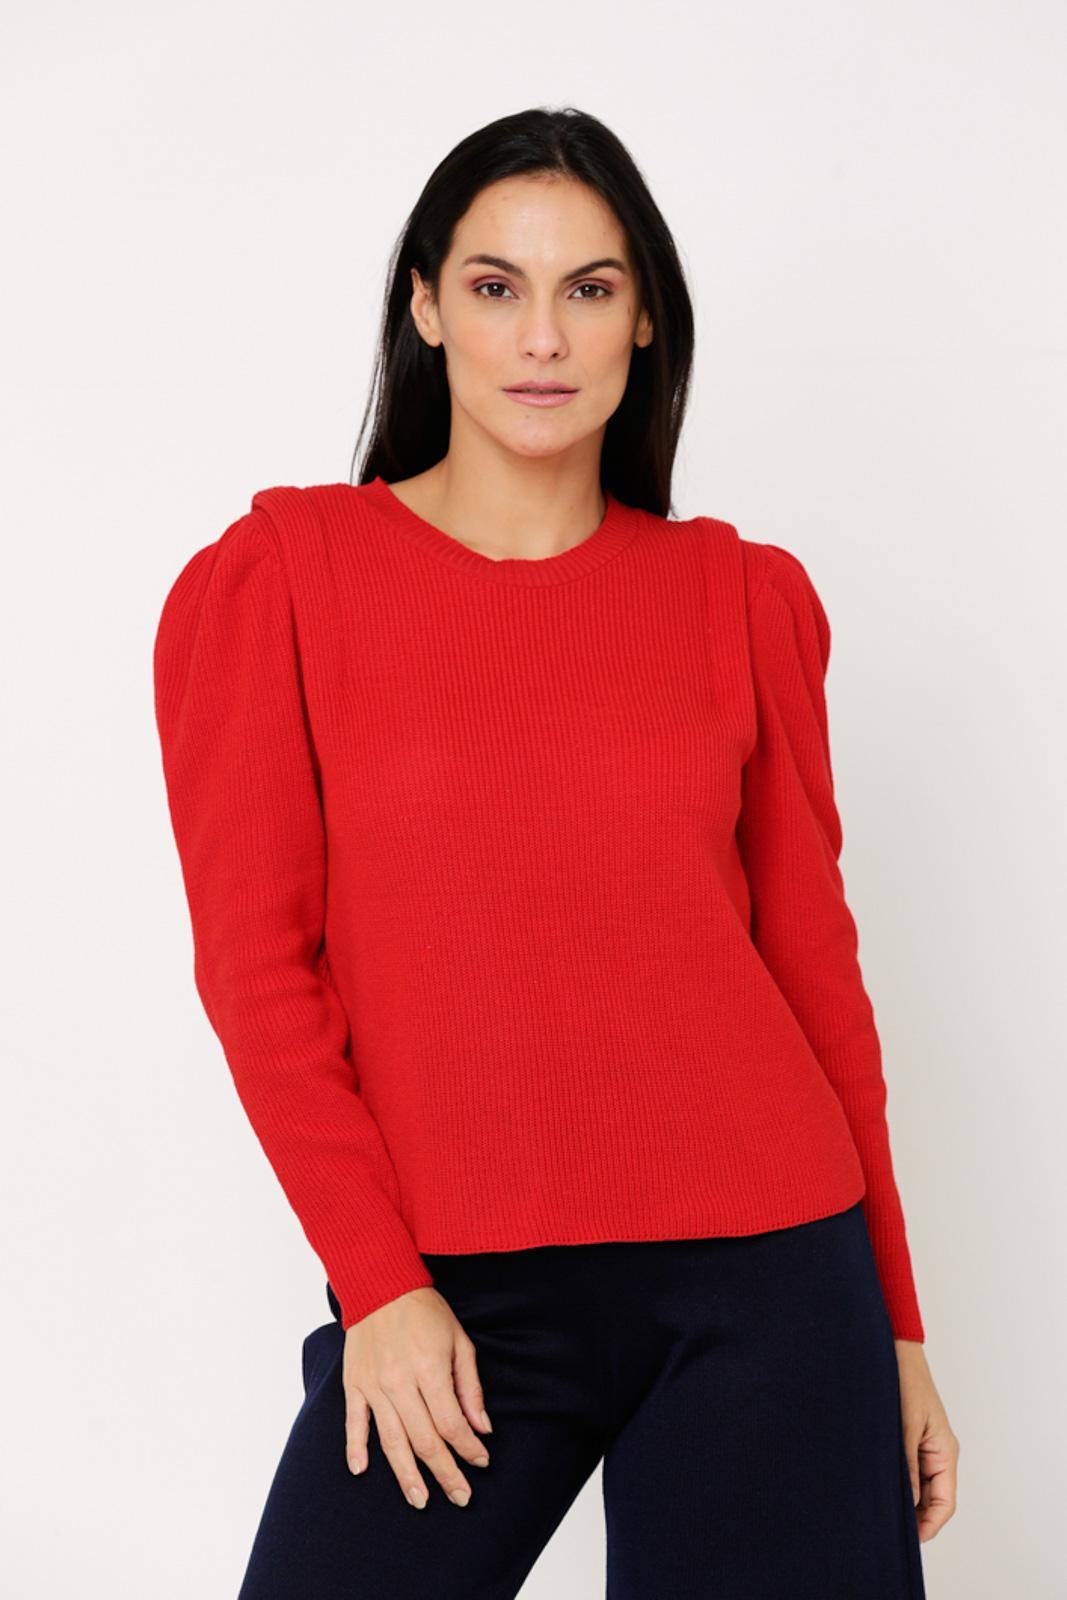 Blusa suéter Ralm de Tricot manga bufante - Vermelho